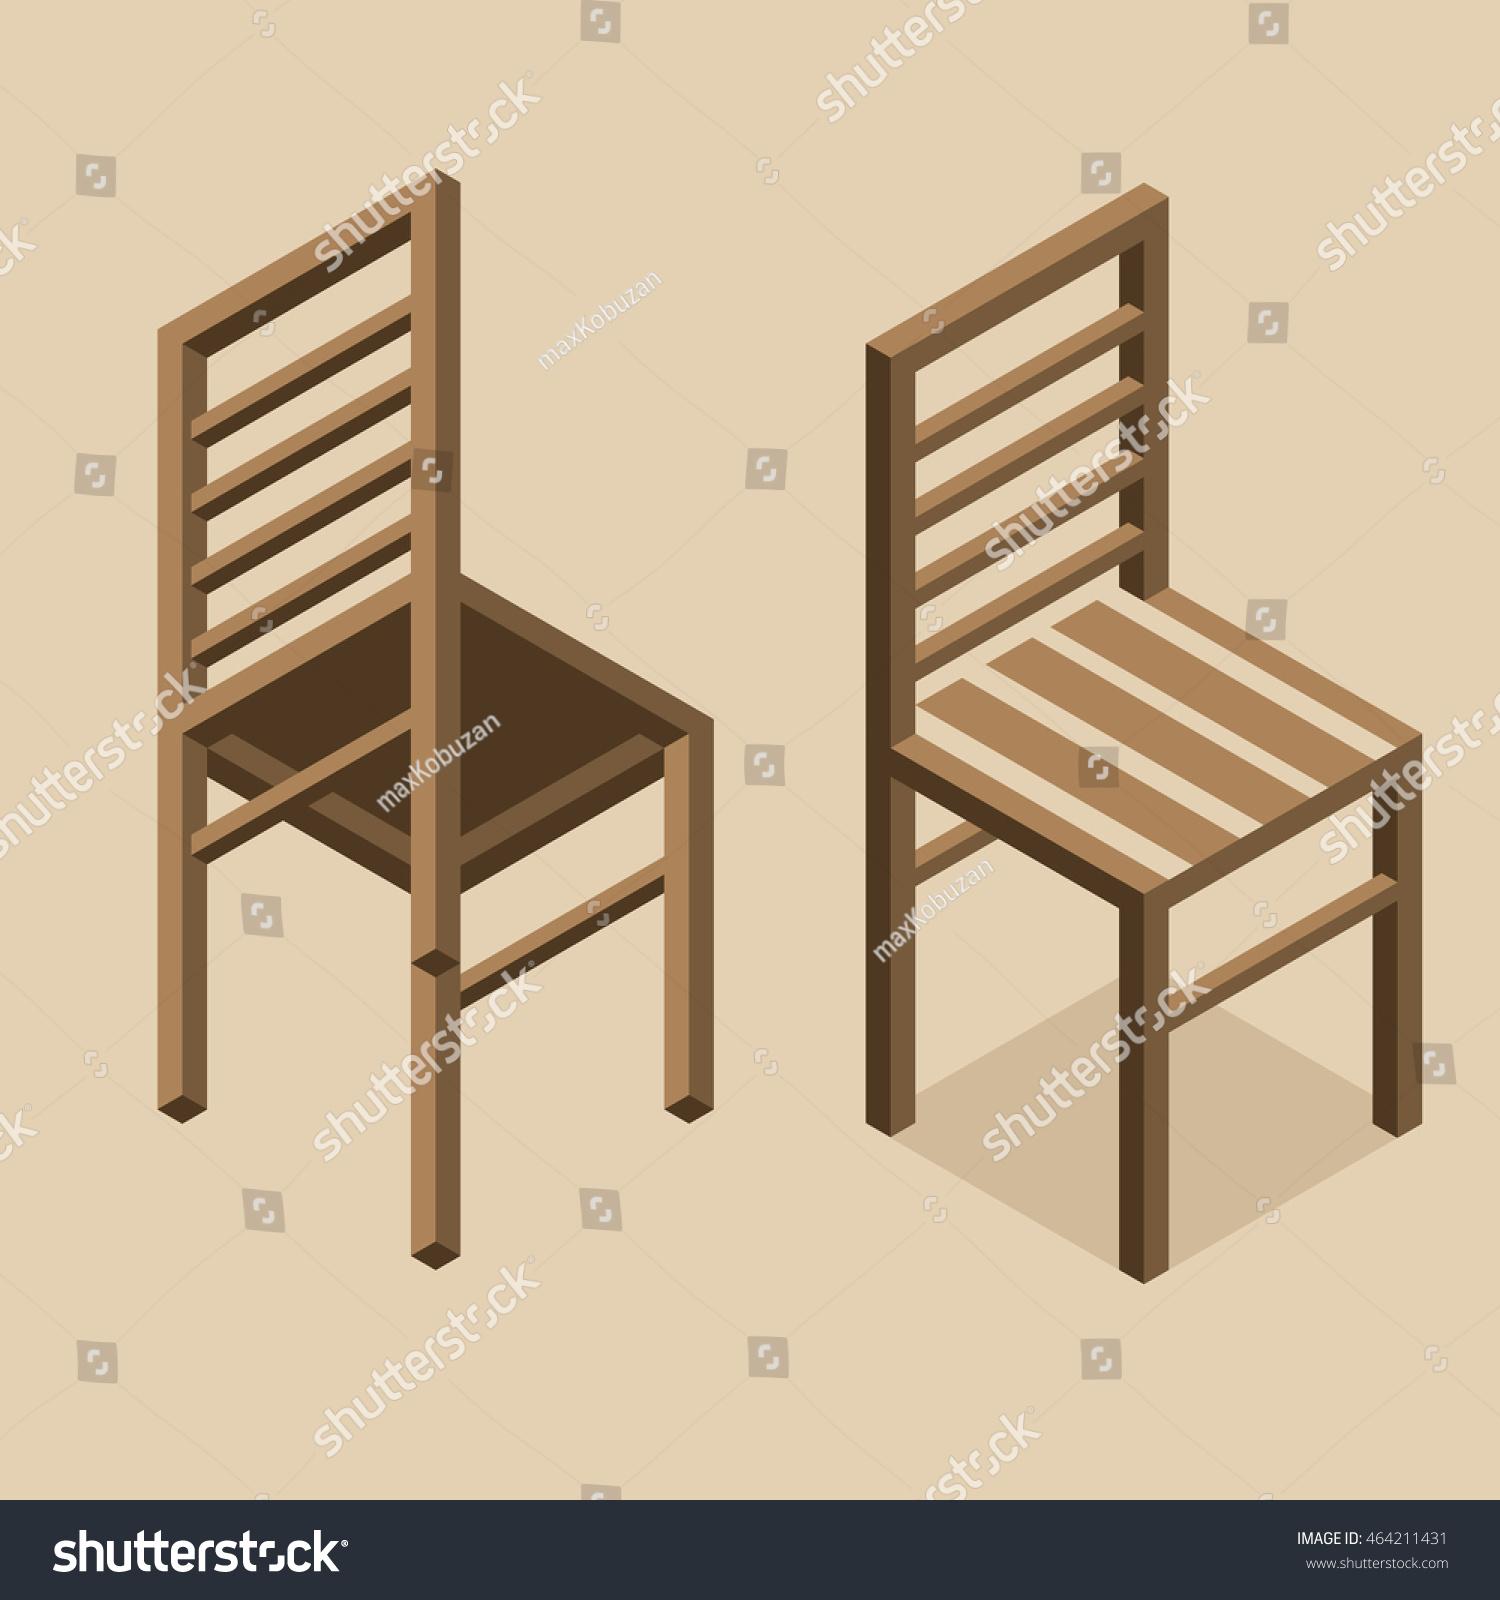 Outstanding Wooden Isometric Classic Chair Illustration Bottom Stock Short Links Chair Design For Home Short Linksinfo